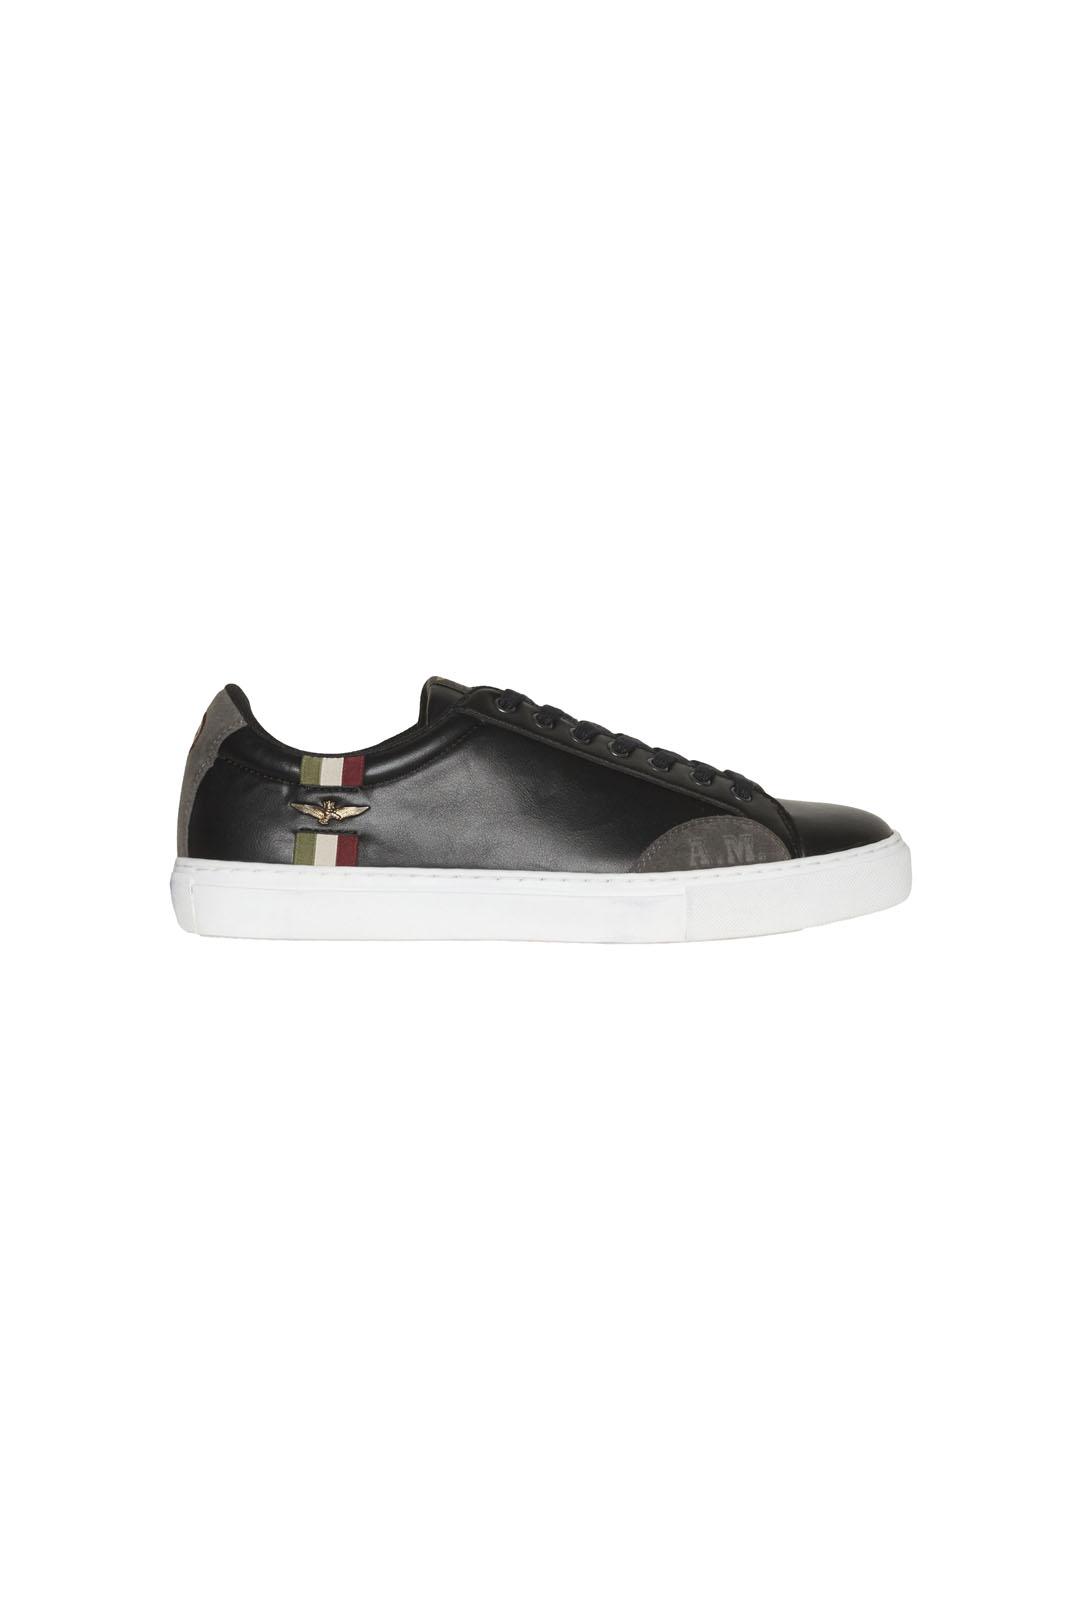 Sneakers avec détail tricolore           2